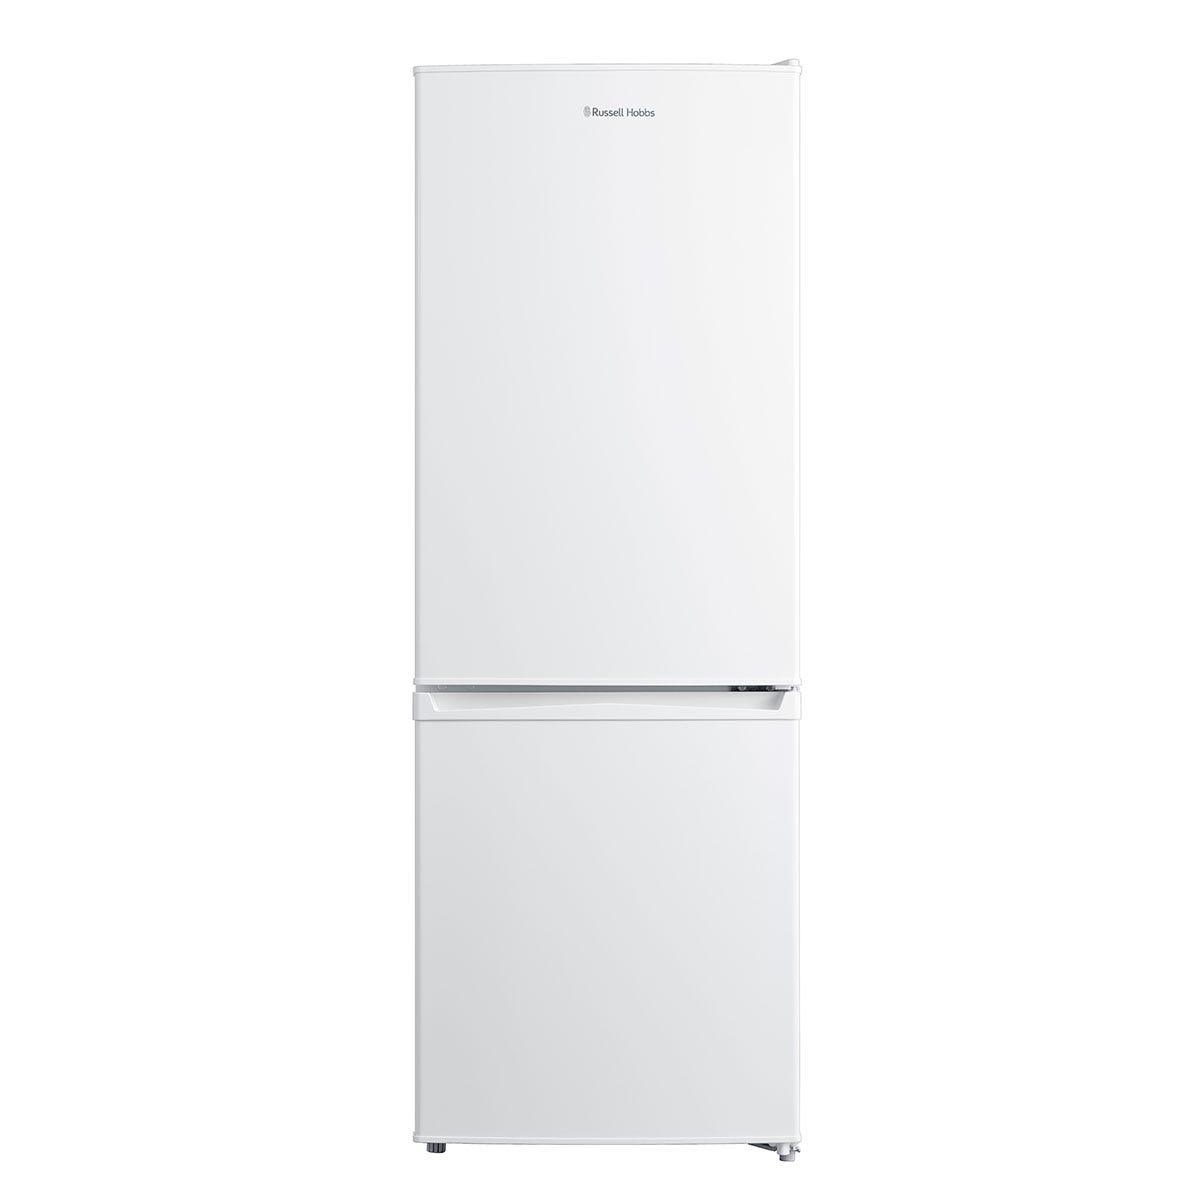 Russell Hobbs RH50FF144 167L Freestanding Fridge Freezer - White